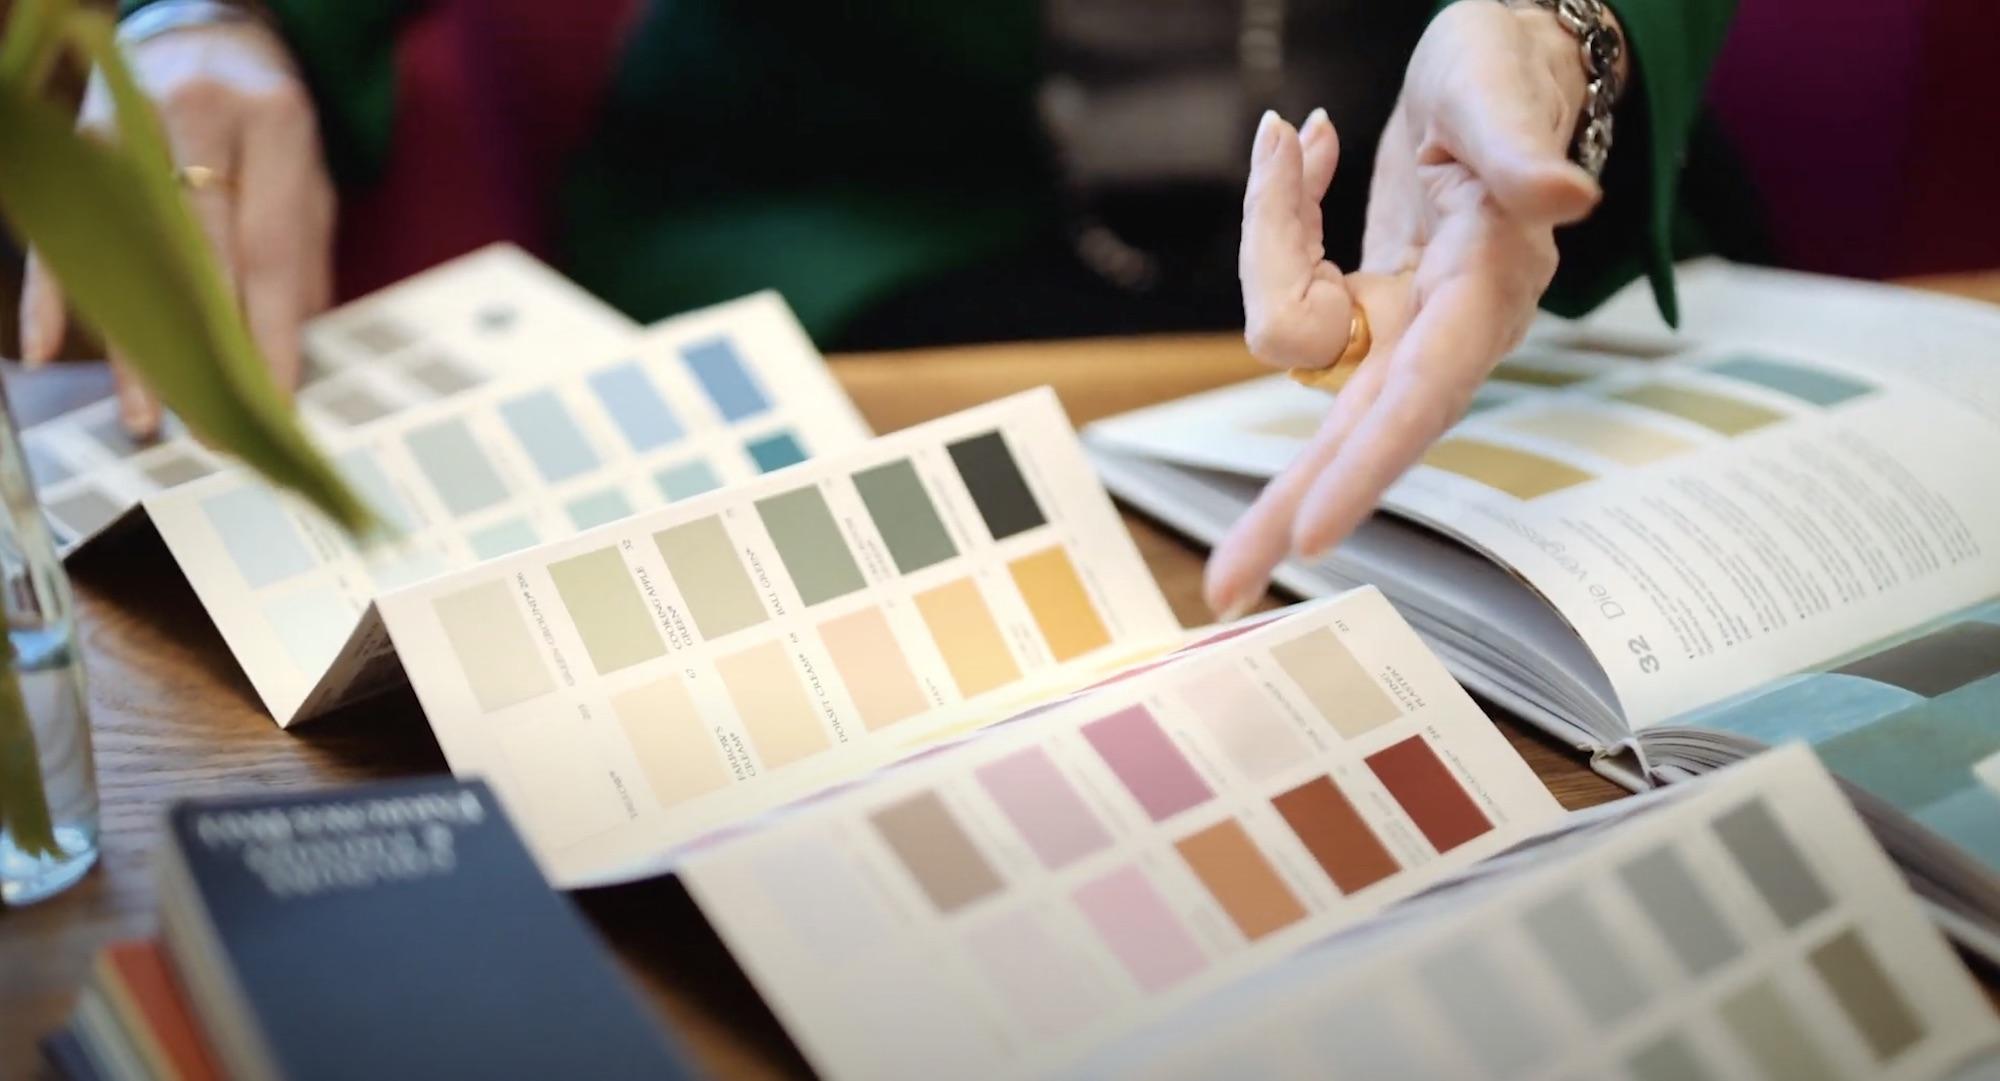 Wandfarbe auswählen